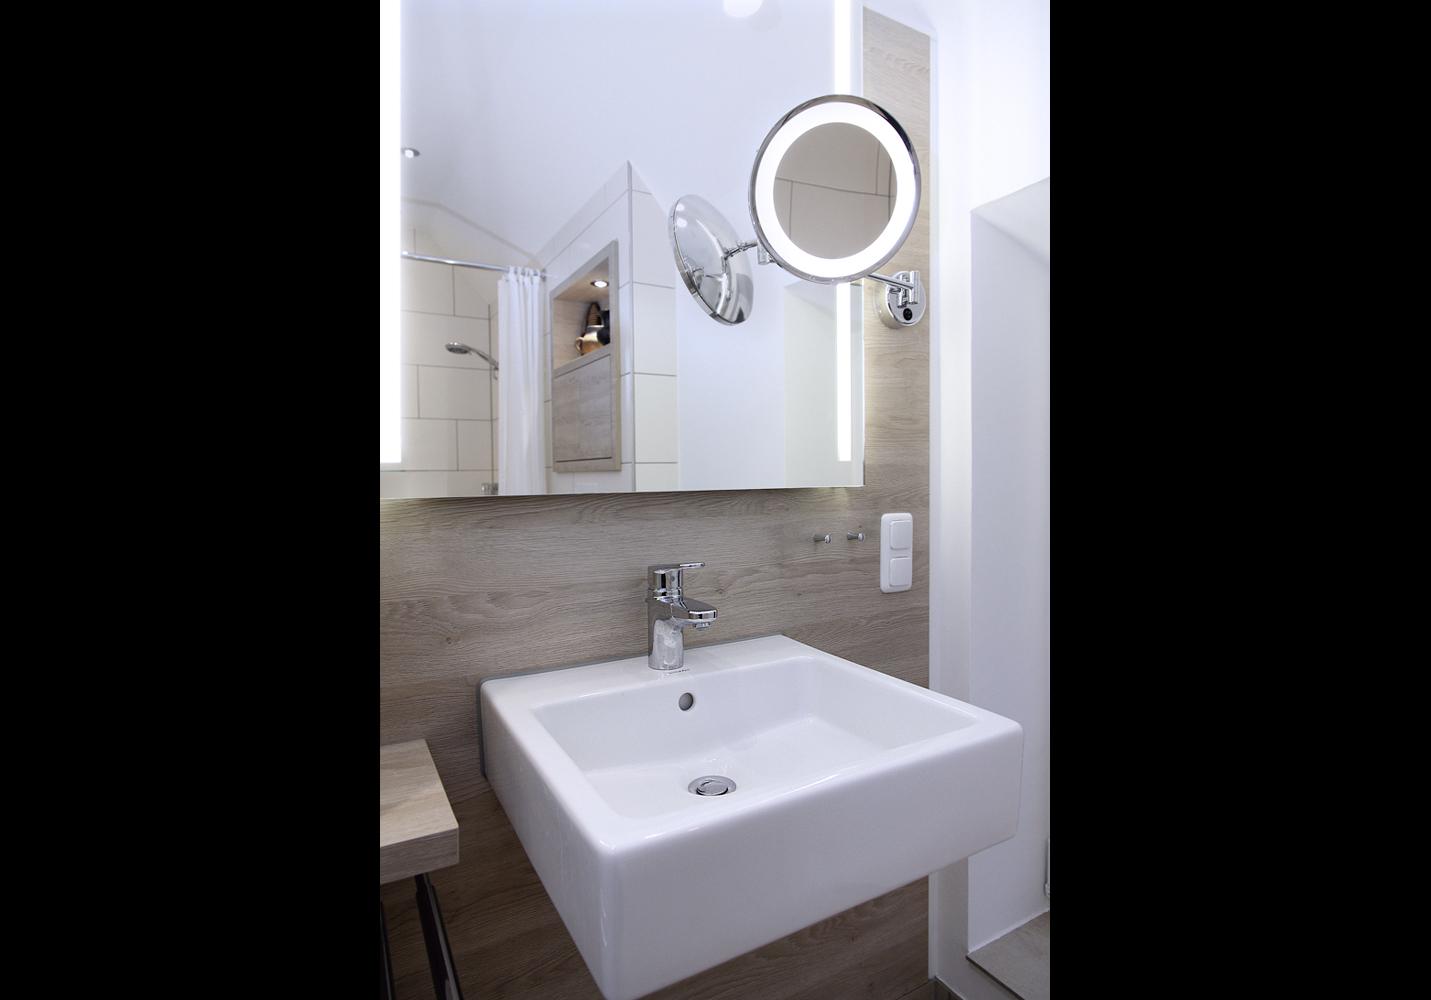 Ein Raumsparsiphon unter dem Waschbecken bietet mehr Bewegungsfreiheit.